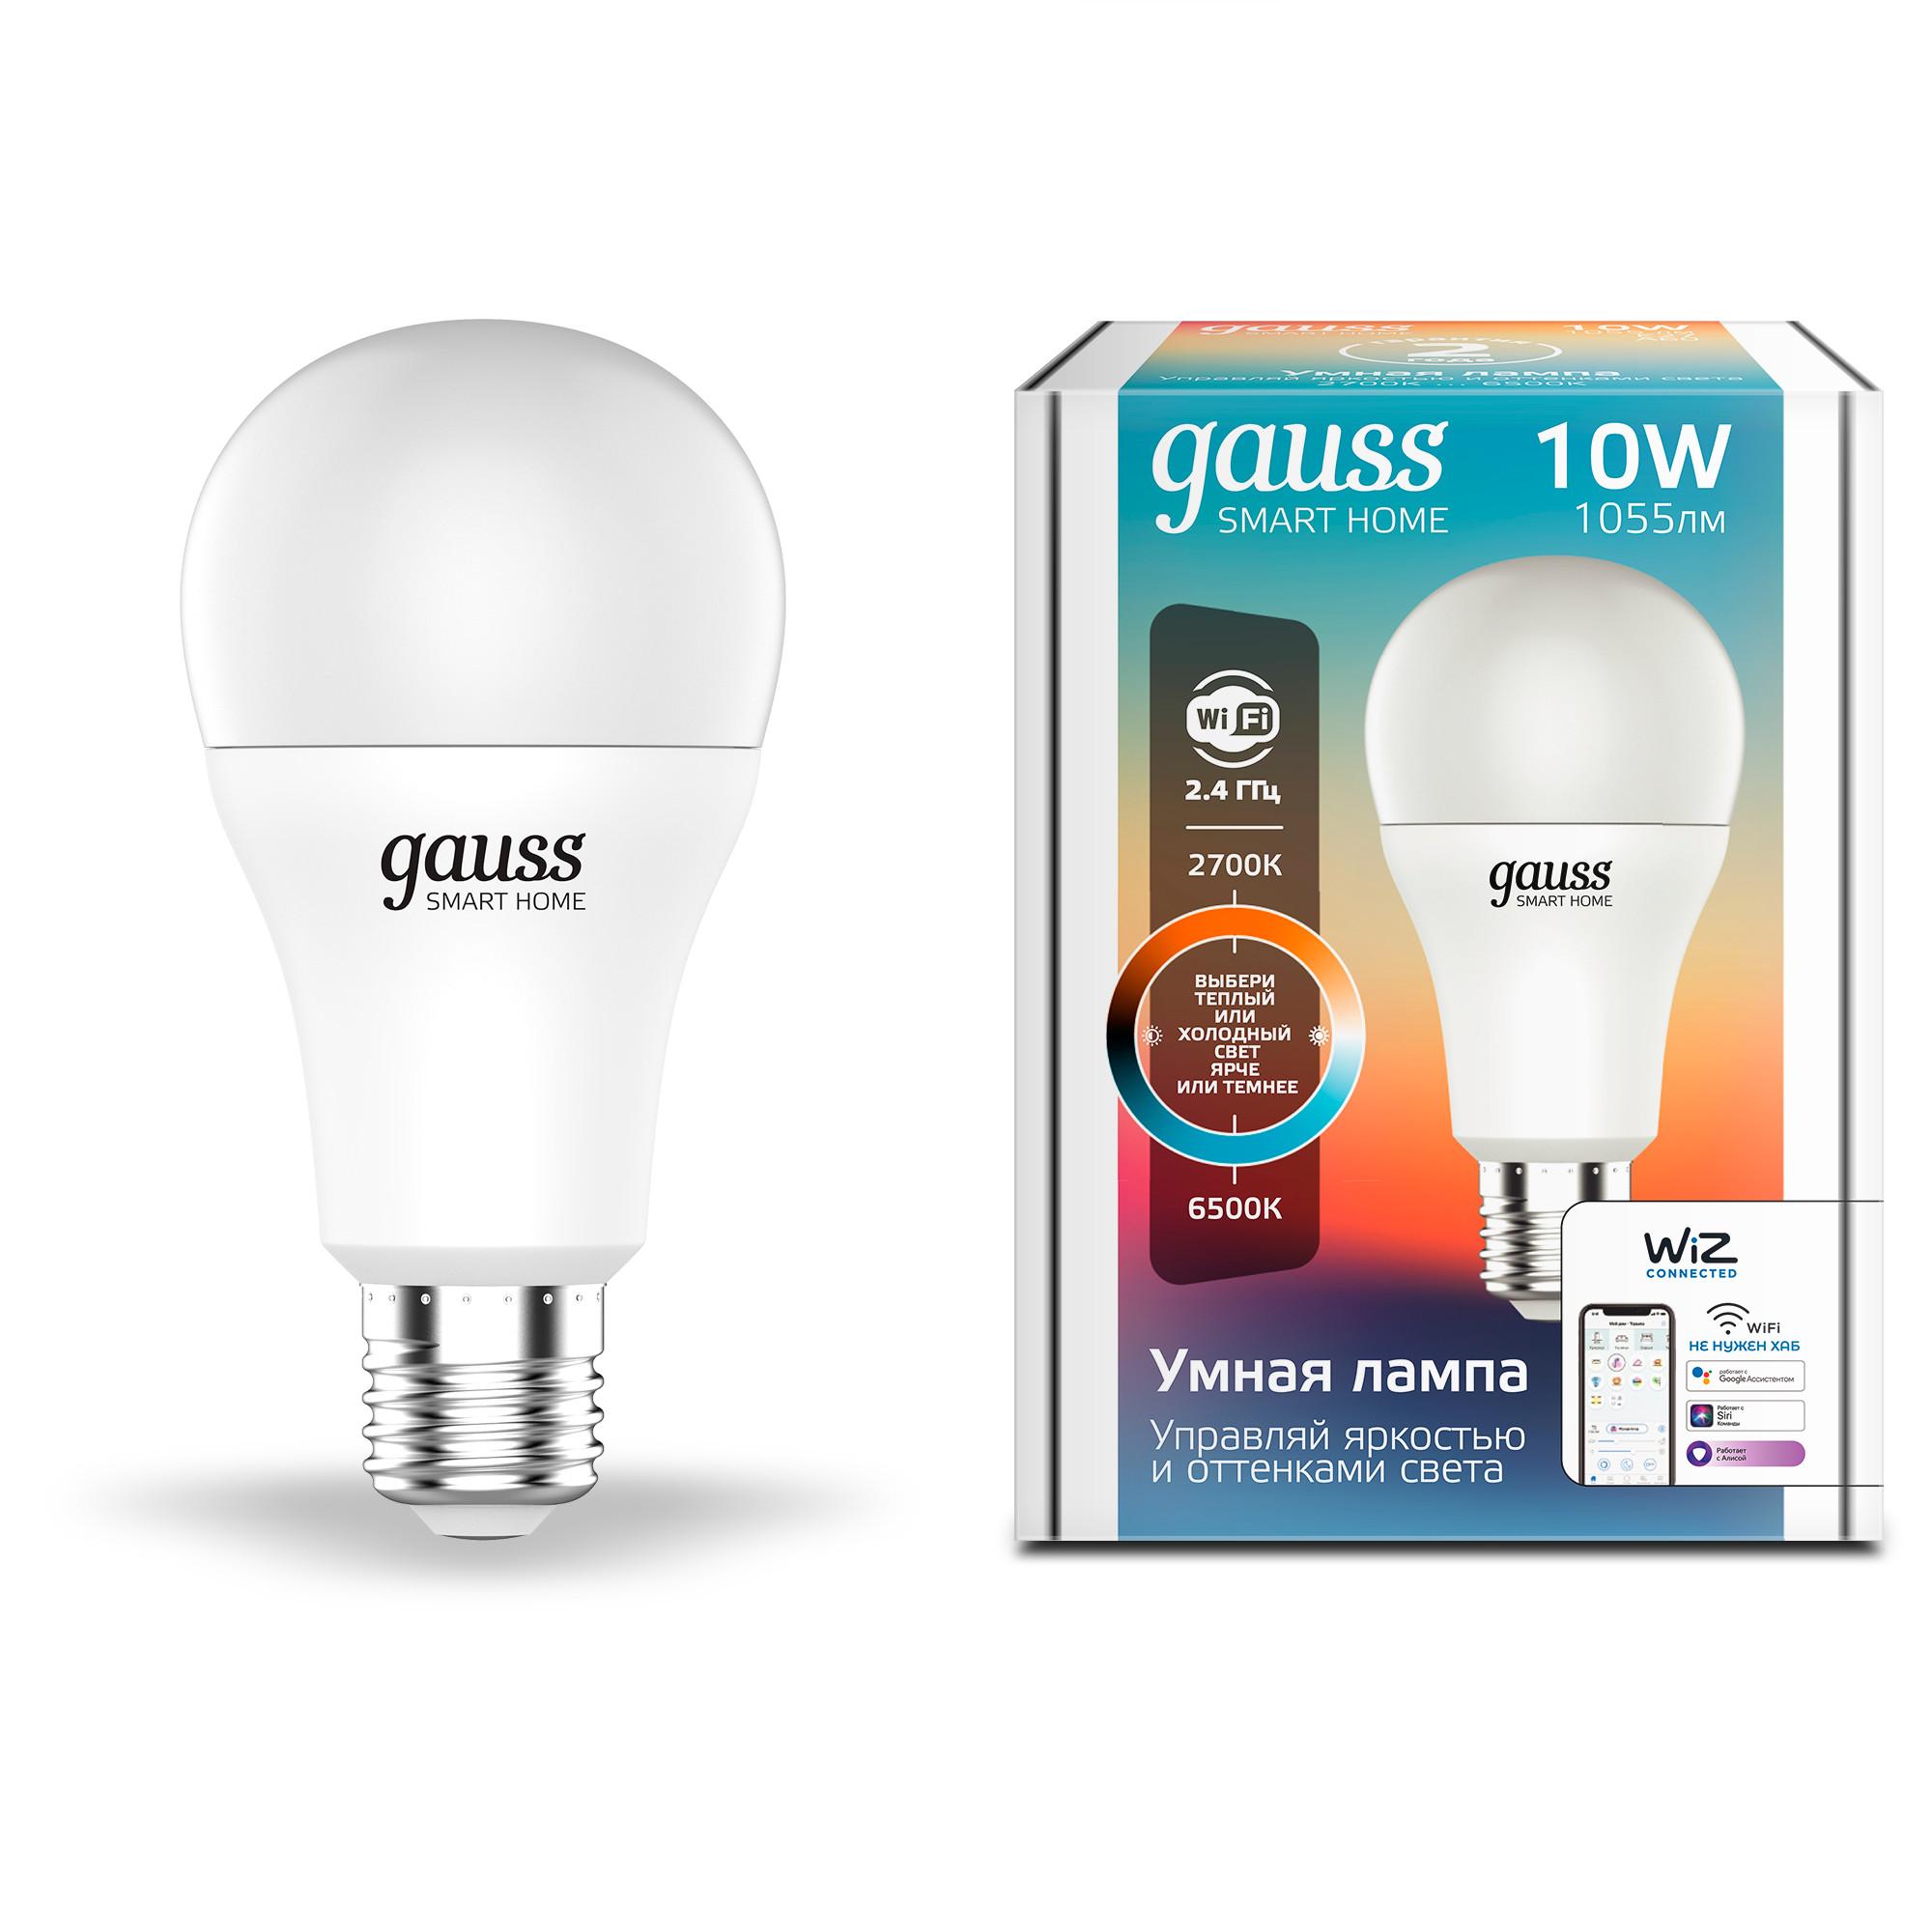 Лампа умная светодиодная Gauss E27 220 В 10 Вт груша матовая 1055 лм регулируемый цвет света для диммера